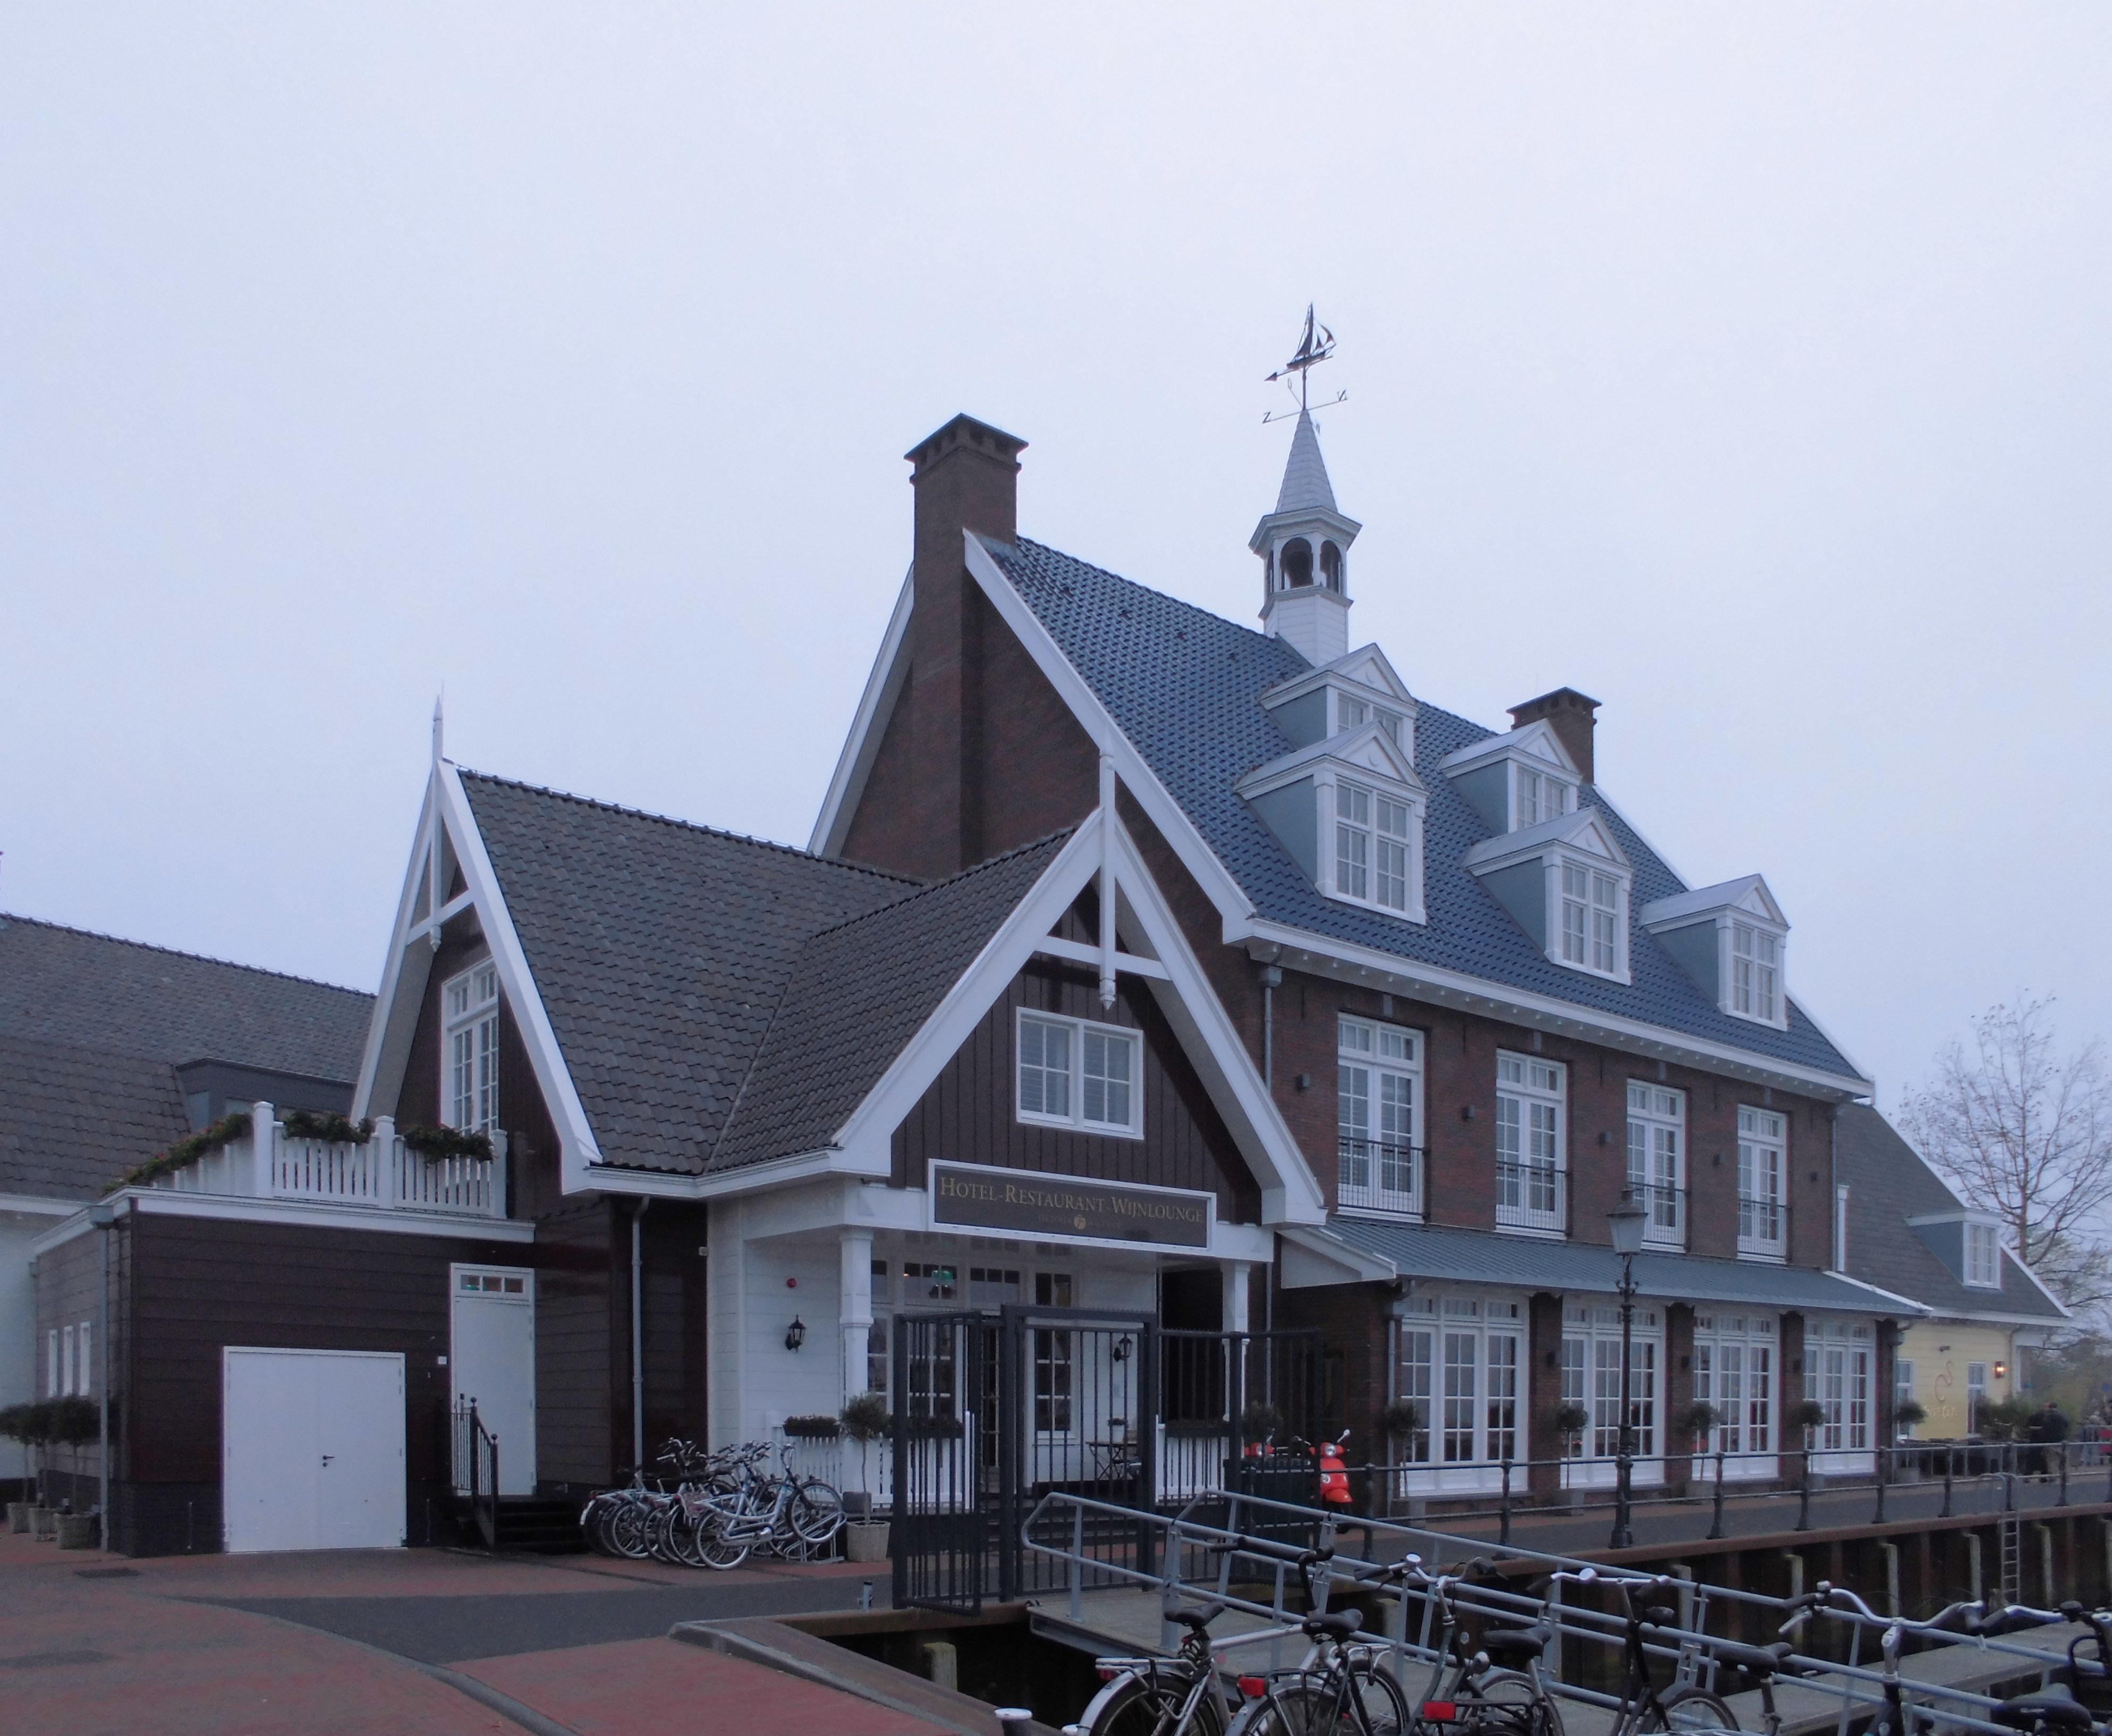 Restaurants In Huizen : File:huizen hotel restaurant nautisch kwartier.jpg wikimedia commons